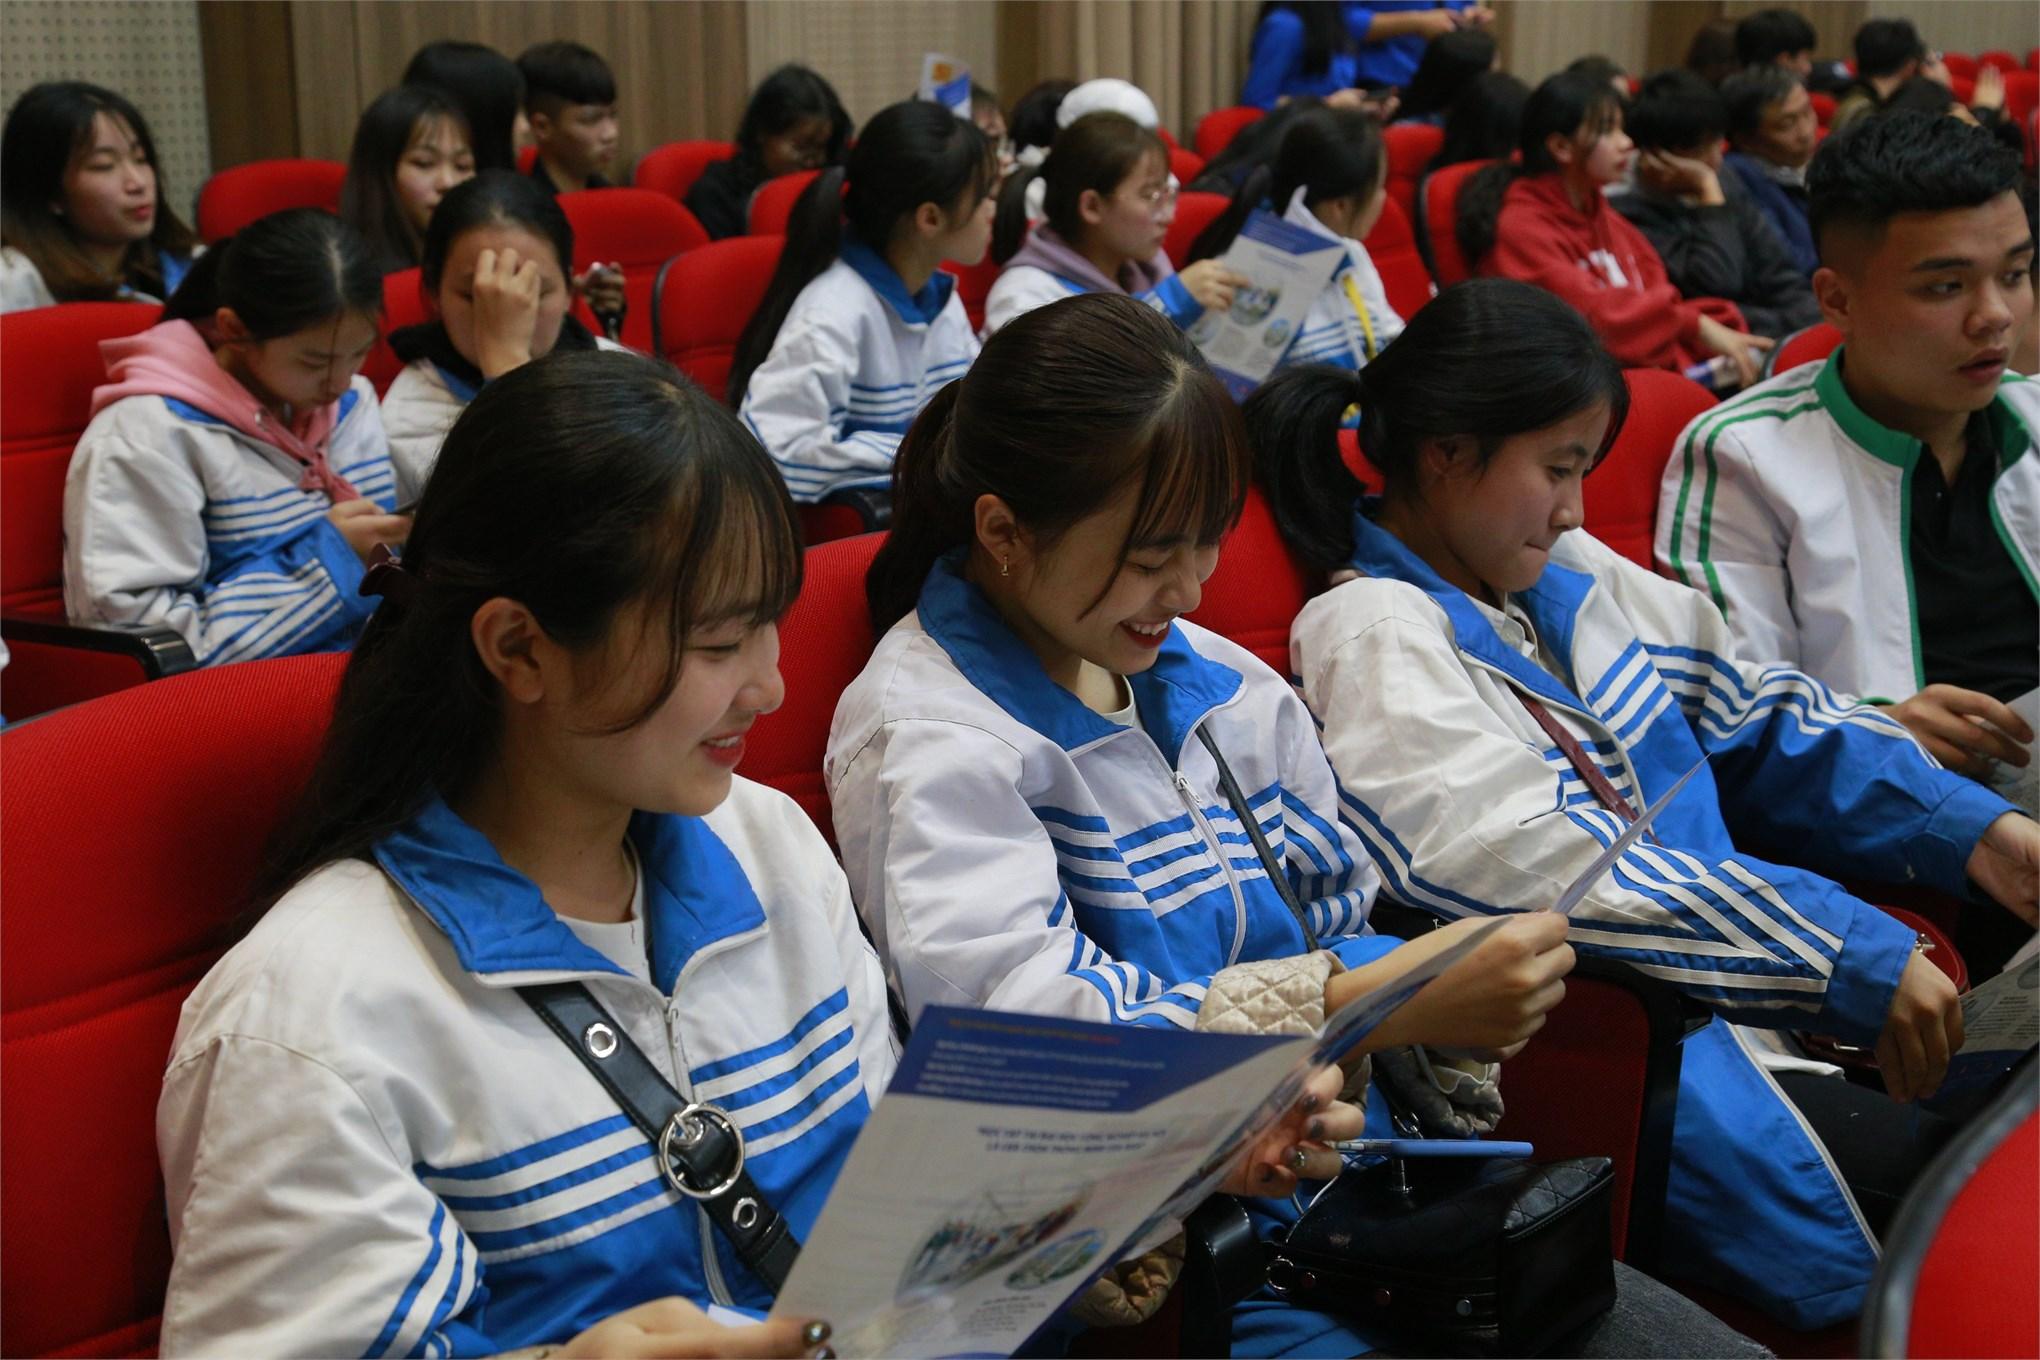 Đại học Công nghiệp Hà Nội đón gần 1000 giáo viên, phụ huynh và học sinh THPT Hoàng Hoa Thám - tỉnh Quảng Ninh đến thăm quan trường